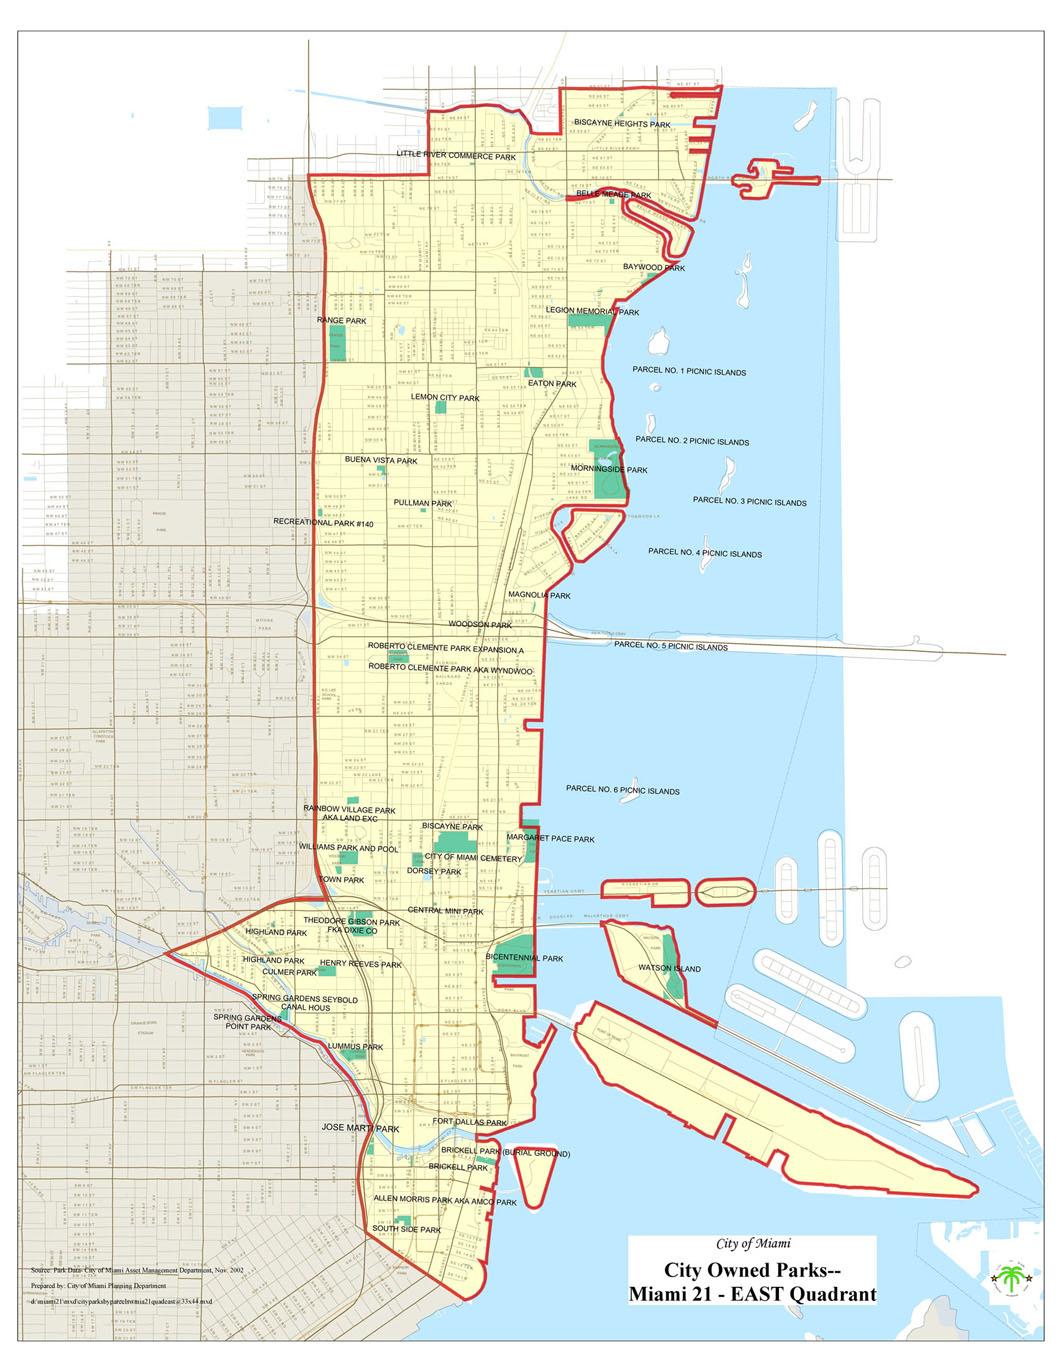 Miami Zoning Map : miami, zoning, Miami, Zoning, World, Atlas